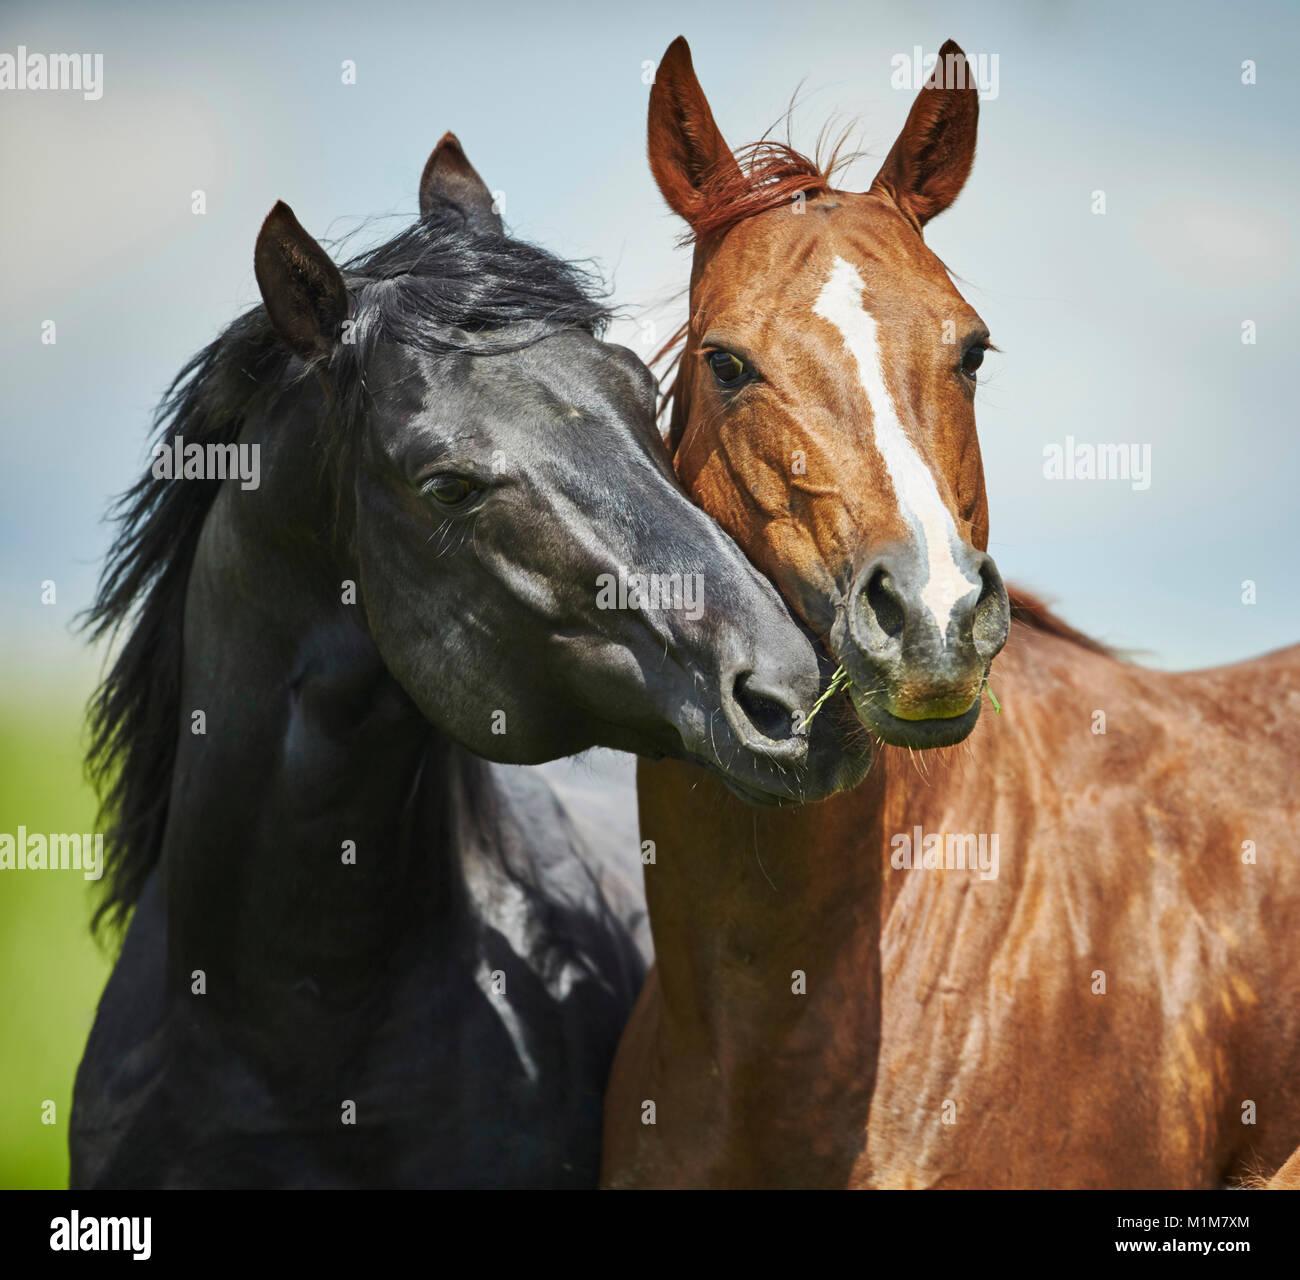 American Quarter Horse. Stallone nero corteggiare un castagno mare su un prato. Germania Immagini Stock